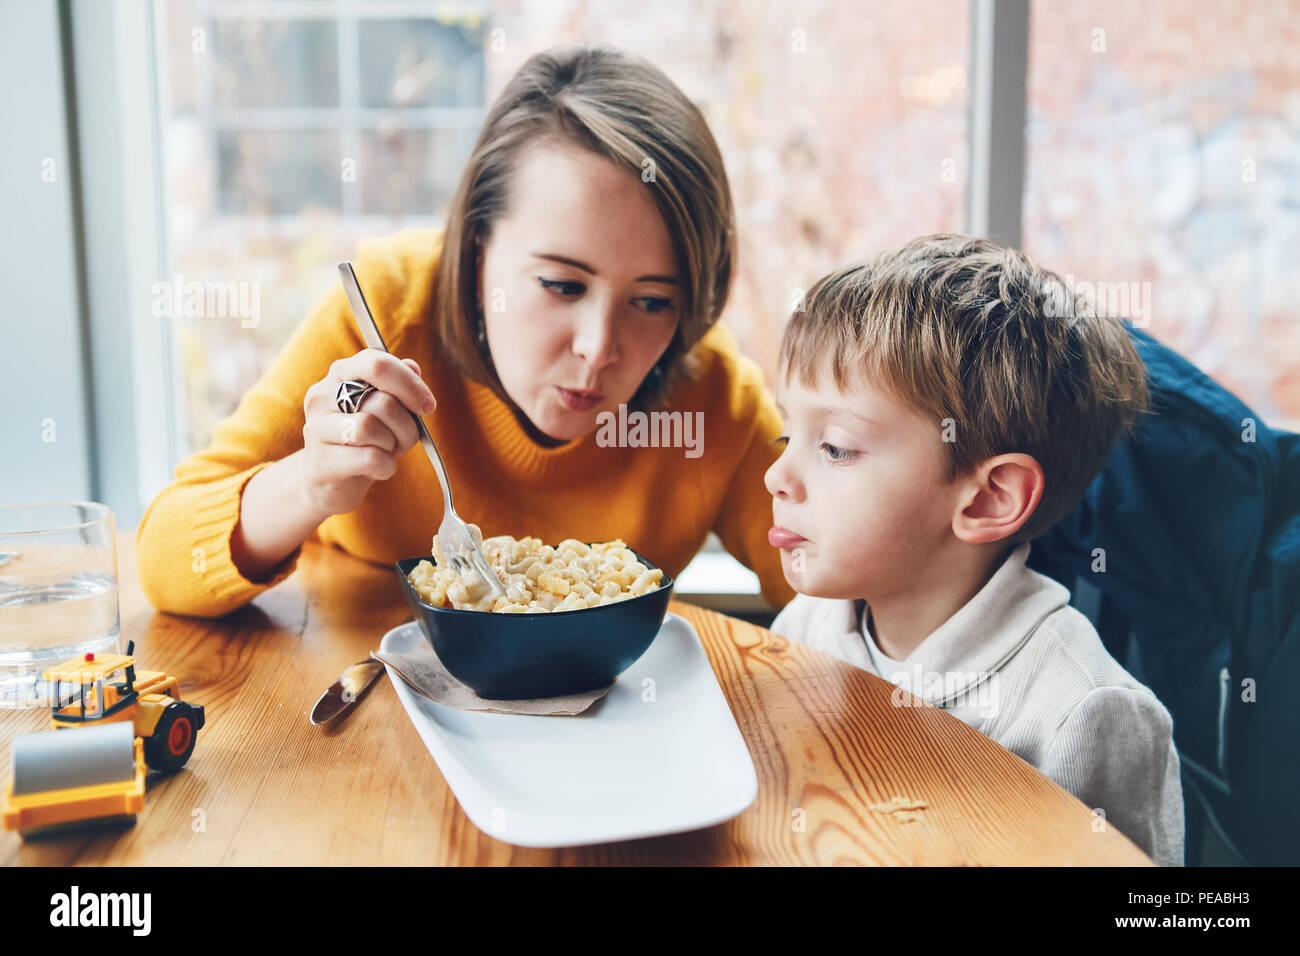 Ritratto di white Caucasian famiglia felice, madre e figlio seduti al ristorante cafe a tavola, alimentazione mangiare pasta spaghetti, autentico stile di vita Immagini Stock